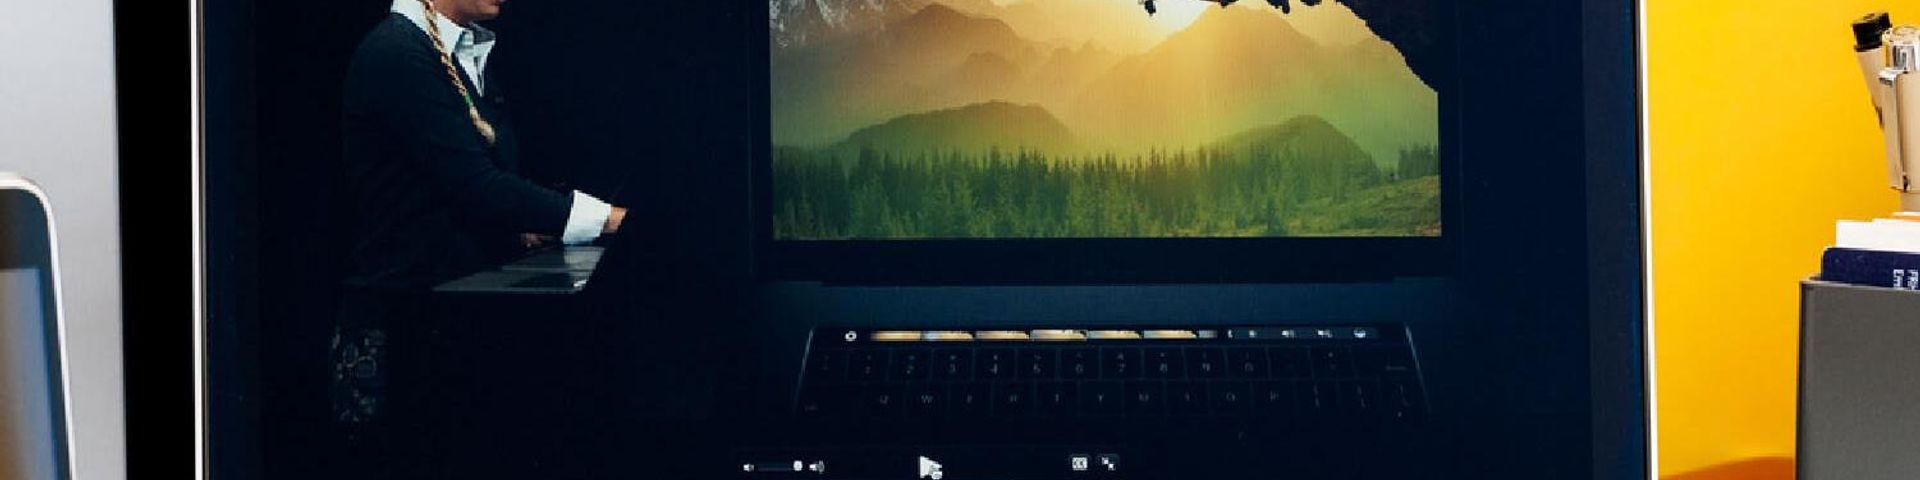 Adobe Photoshop: Efectos y Trucos